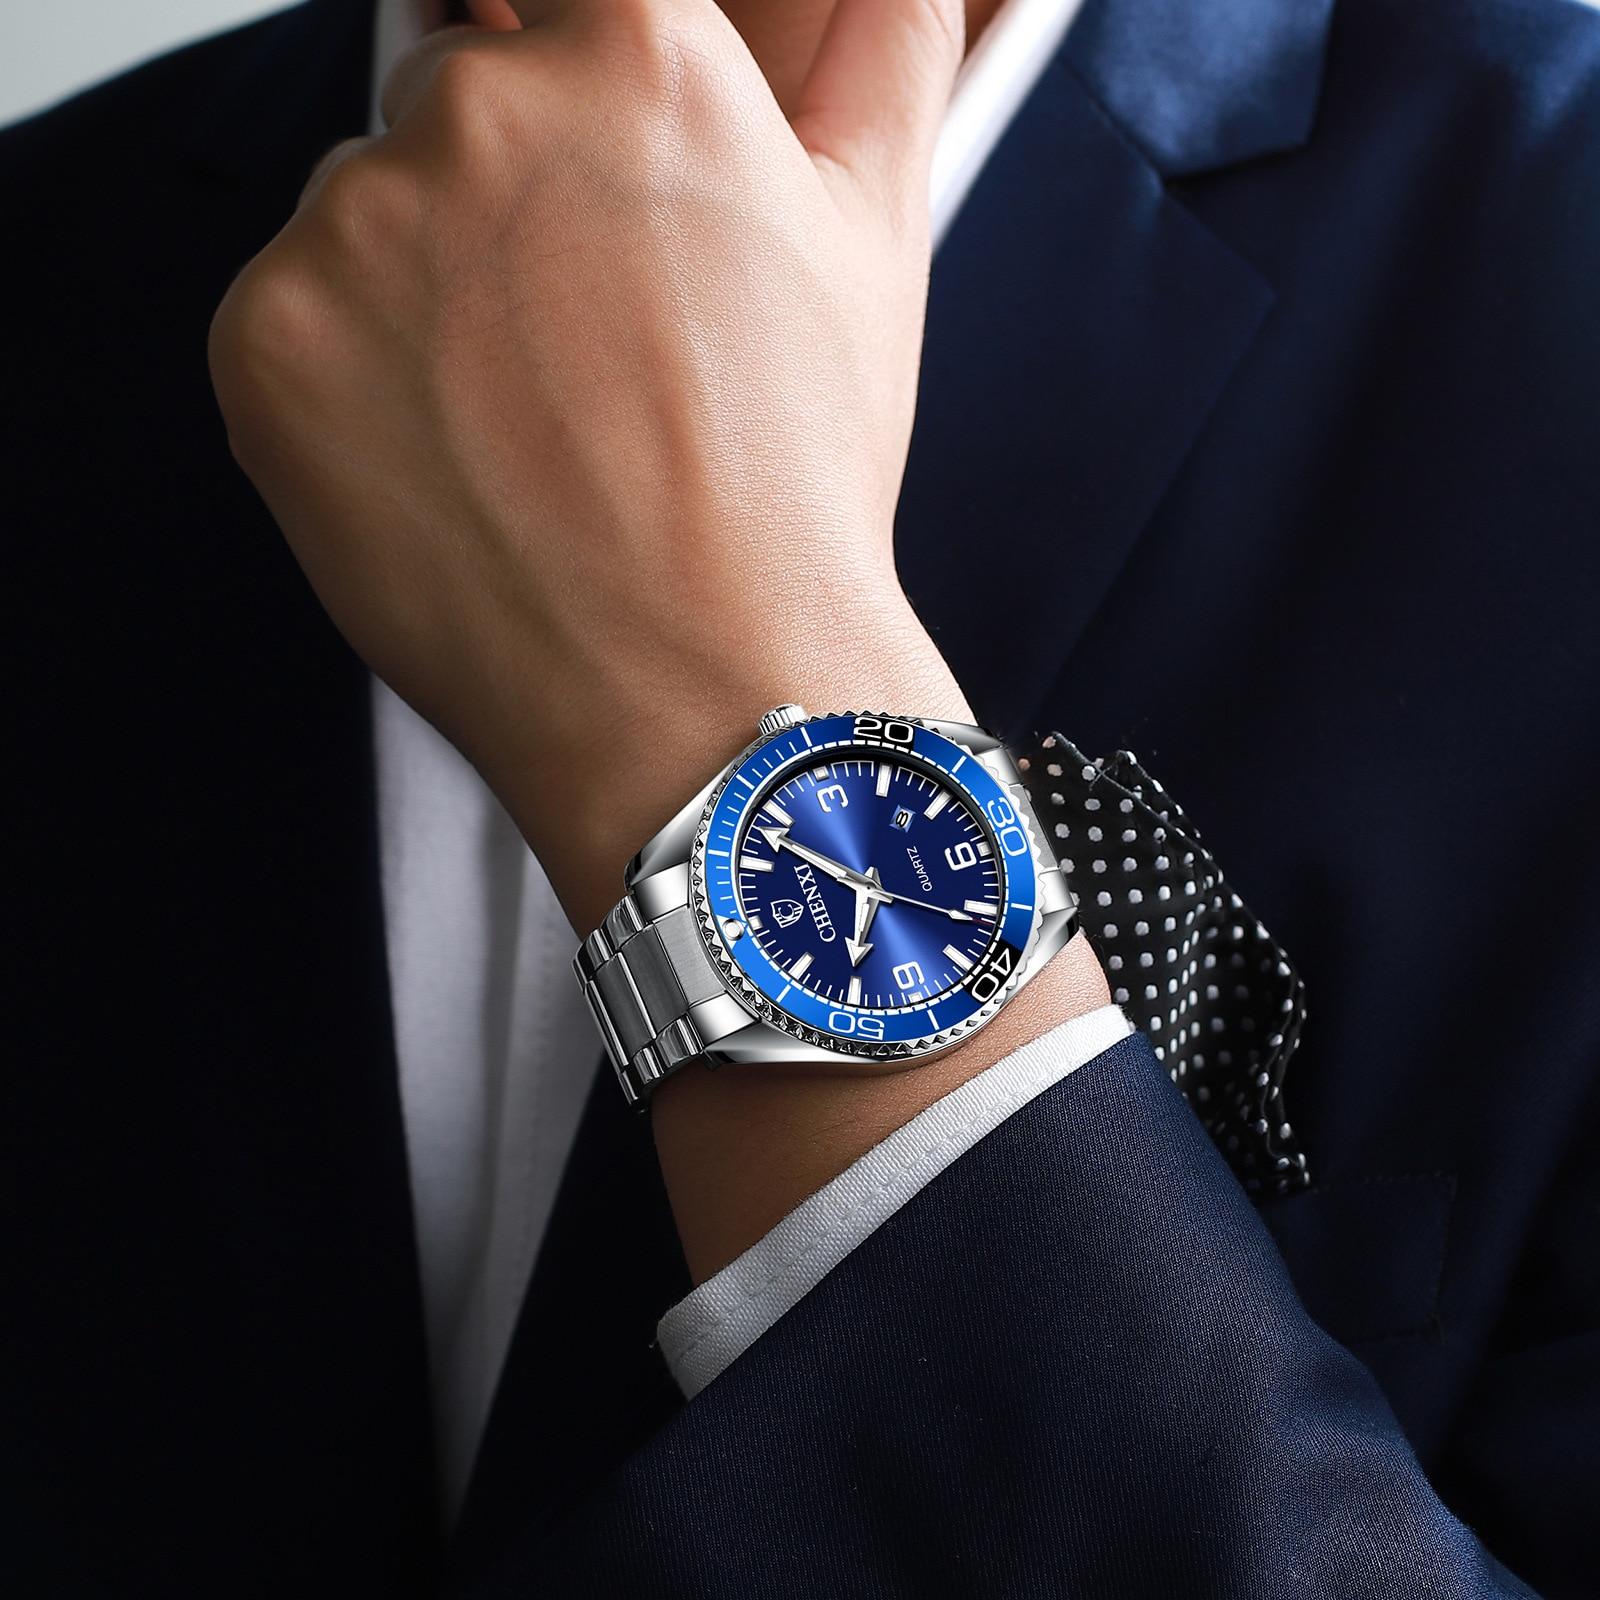 Мужские деловые Часы В креативном стиле, оптовая продажа 8206 мужских часов из стали